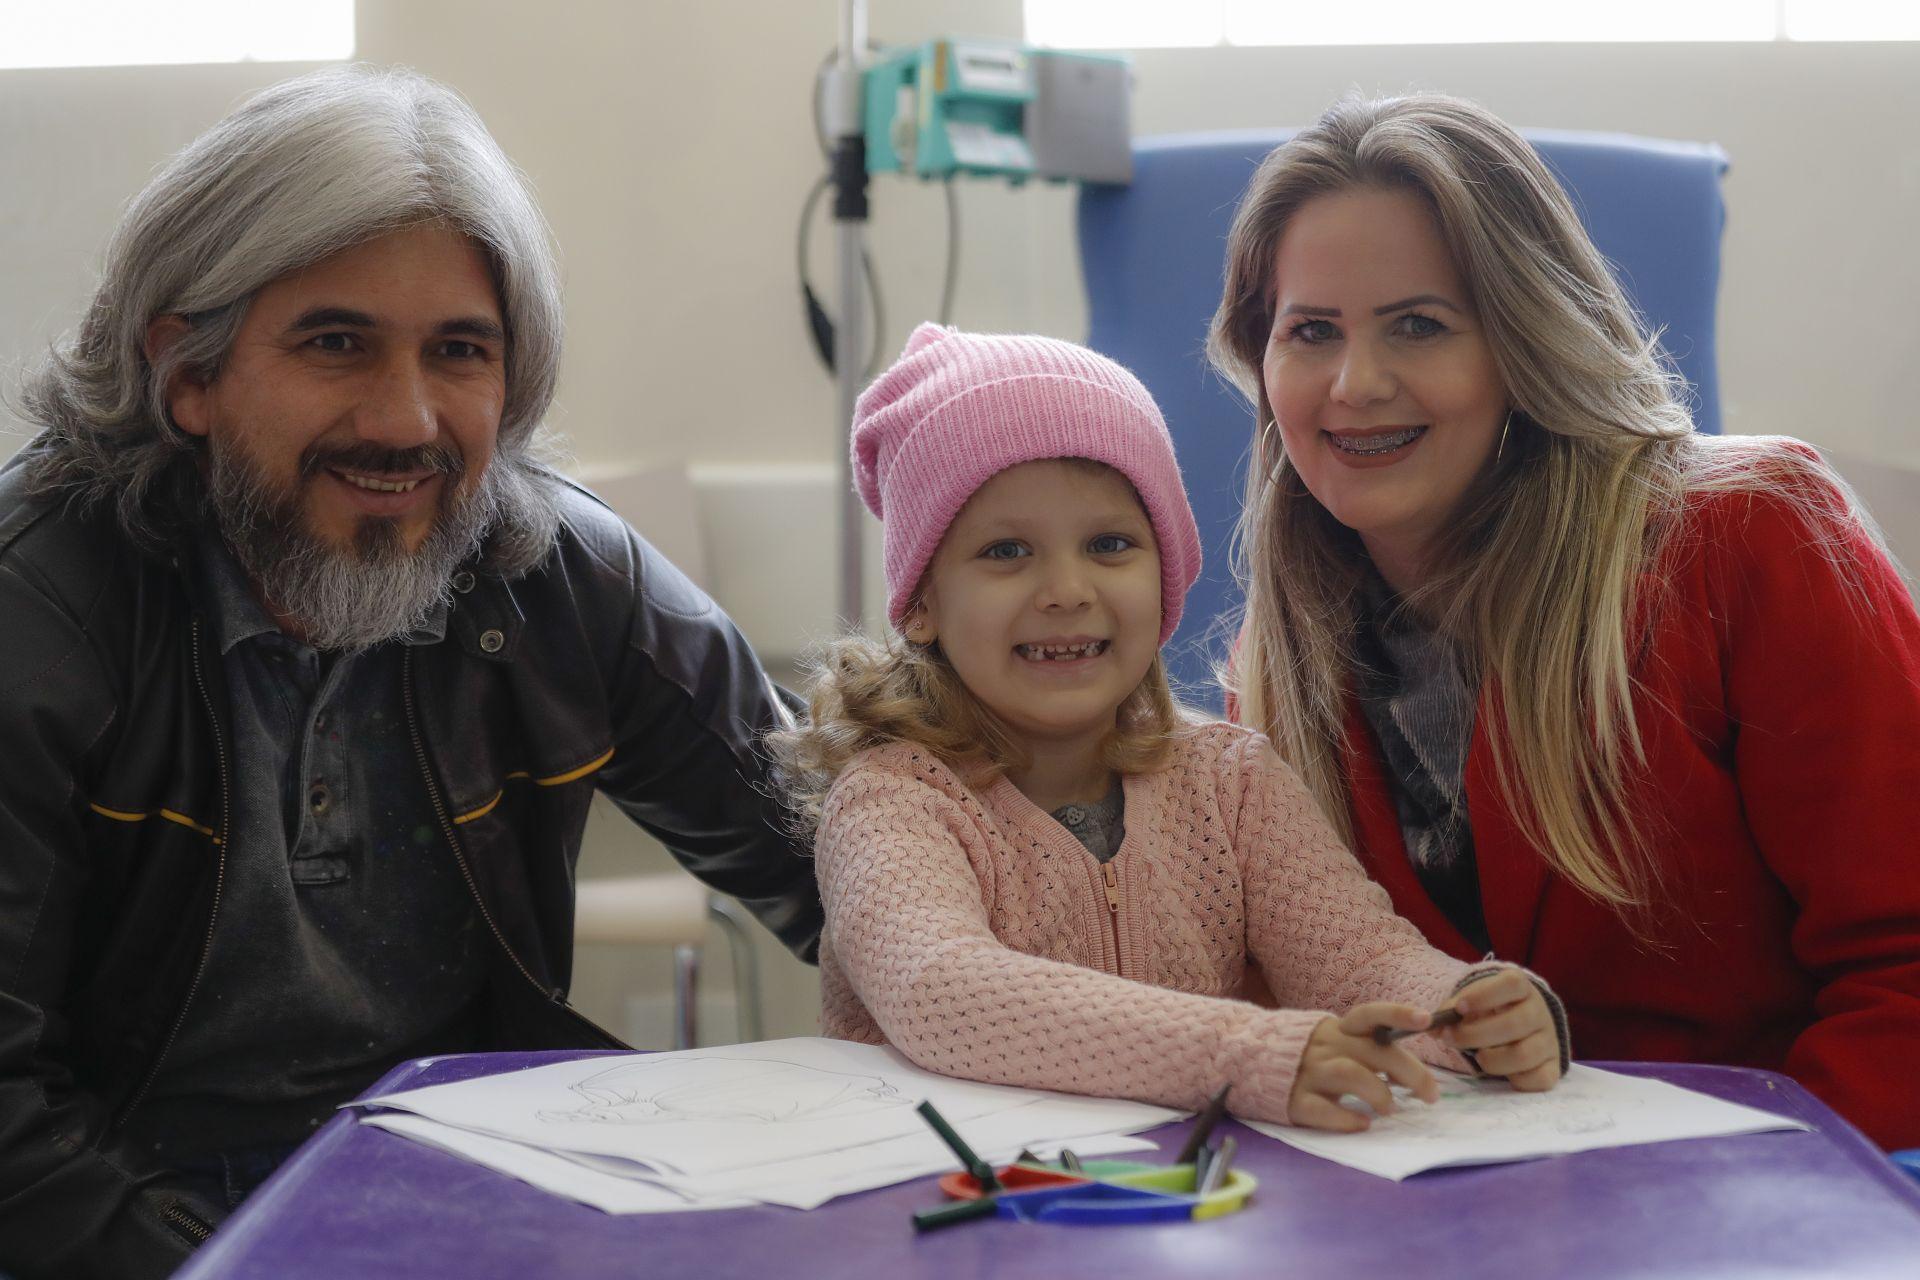 Sophia, de quase cinco anos, recebeu diagnóstico há três anos de um tumor na medula óssea e vem, toda semana, de Maringá a Curitiba com os pais para o tratamento (Foto: Jonathan Campos / Gazeta do Povo)